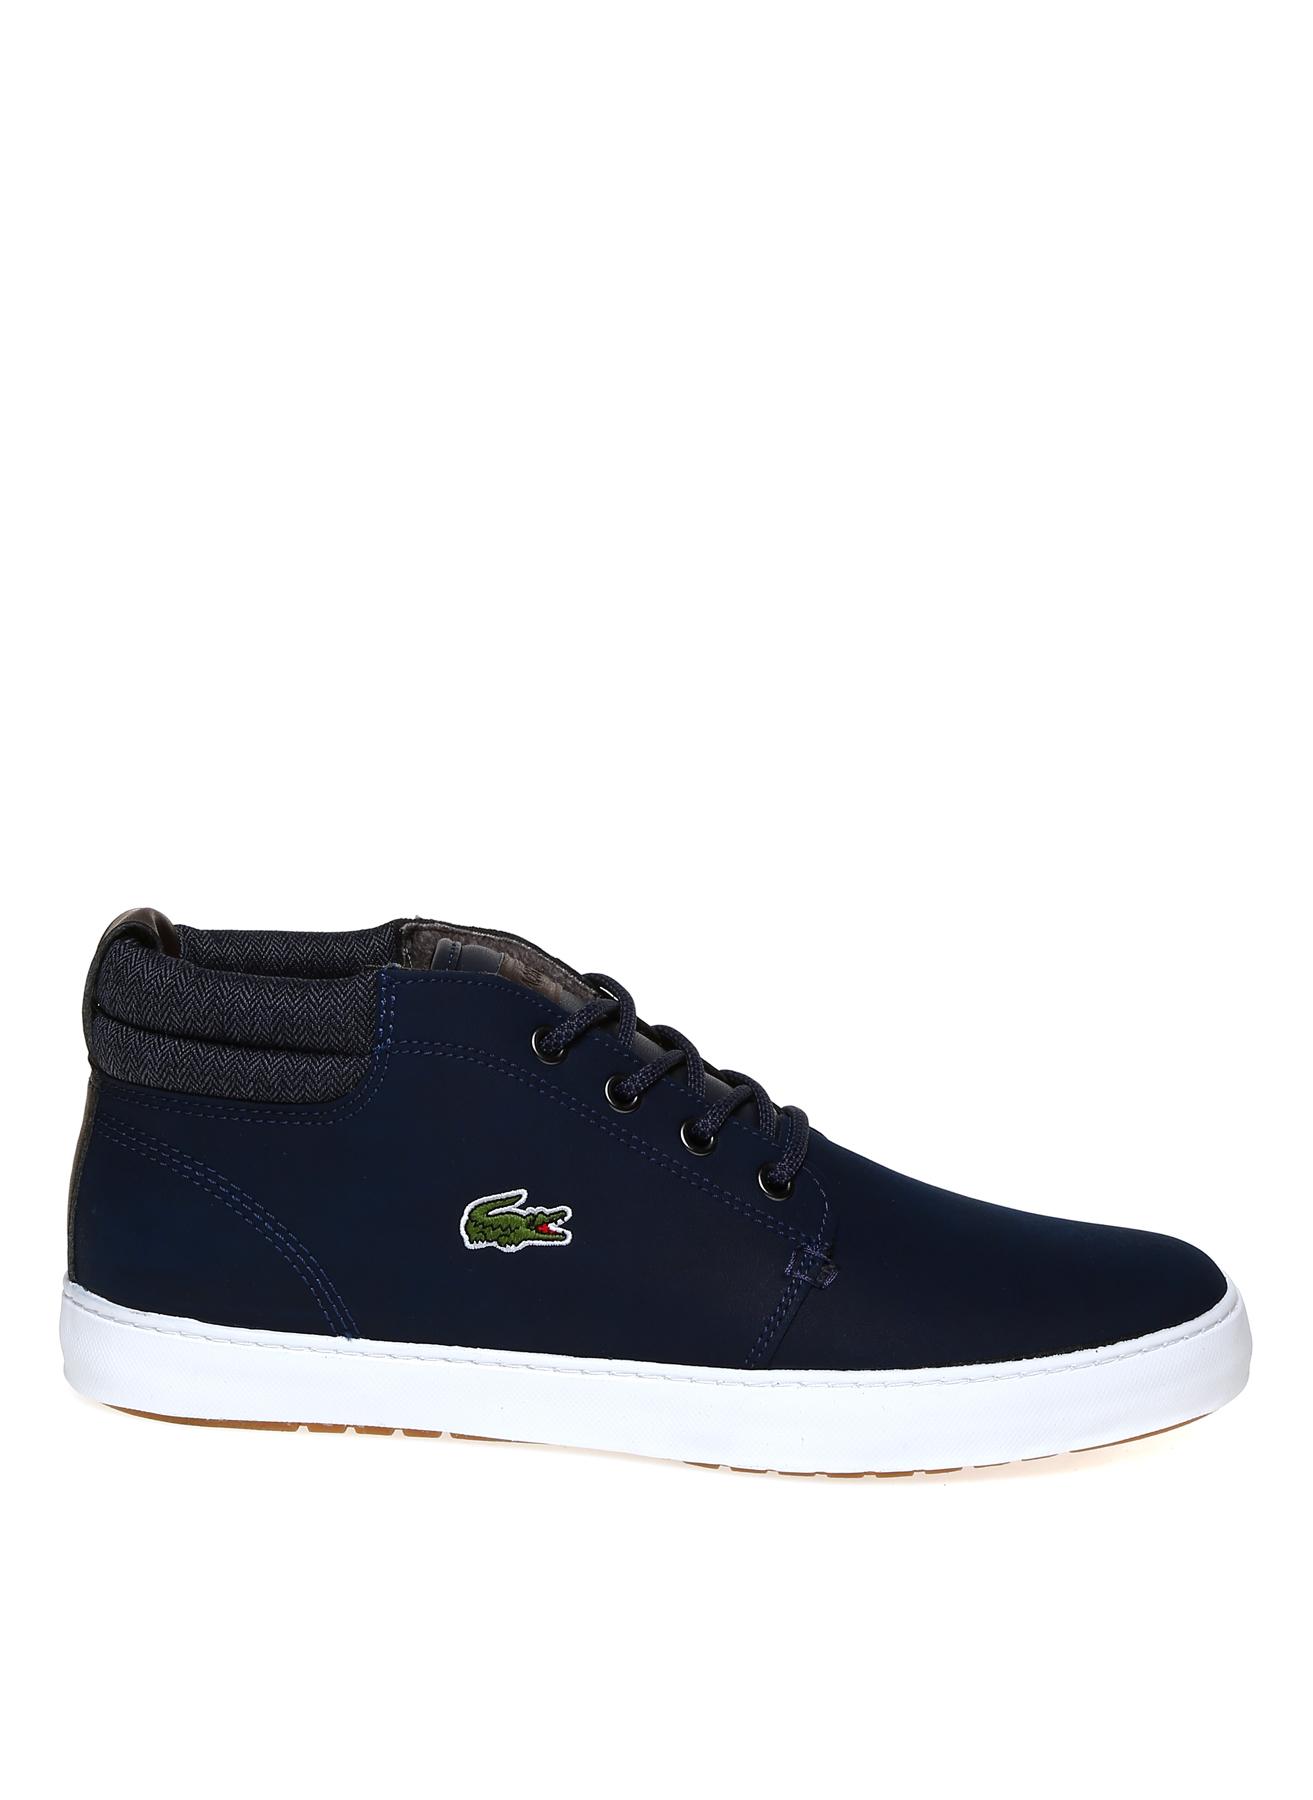 Lacoste Ampthil Terra Lacivert Lifestyle Ayakkabı 44 5002314221006 Ürün Resmi